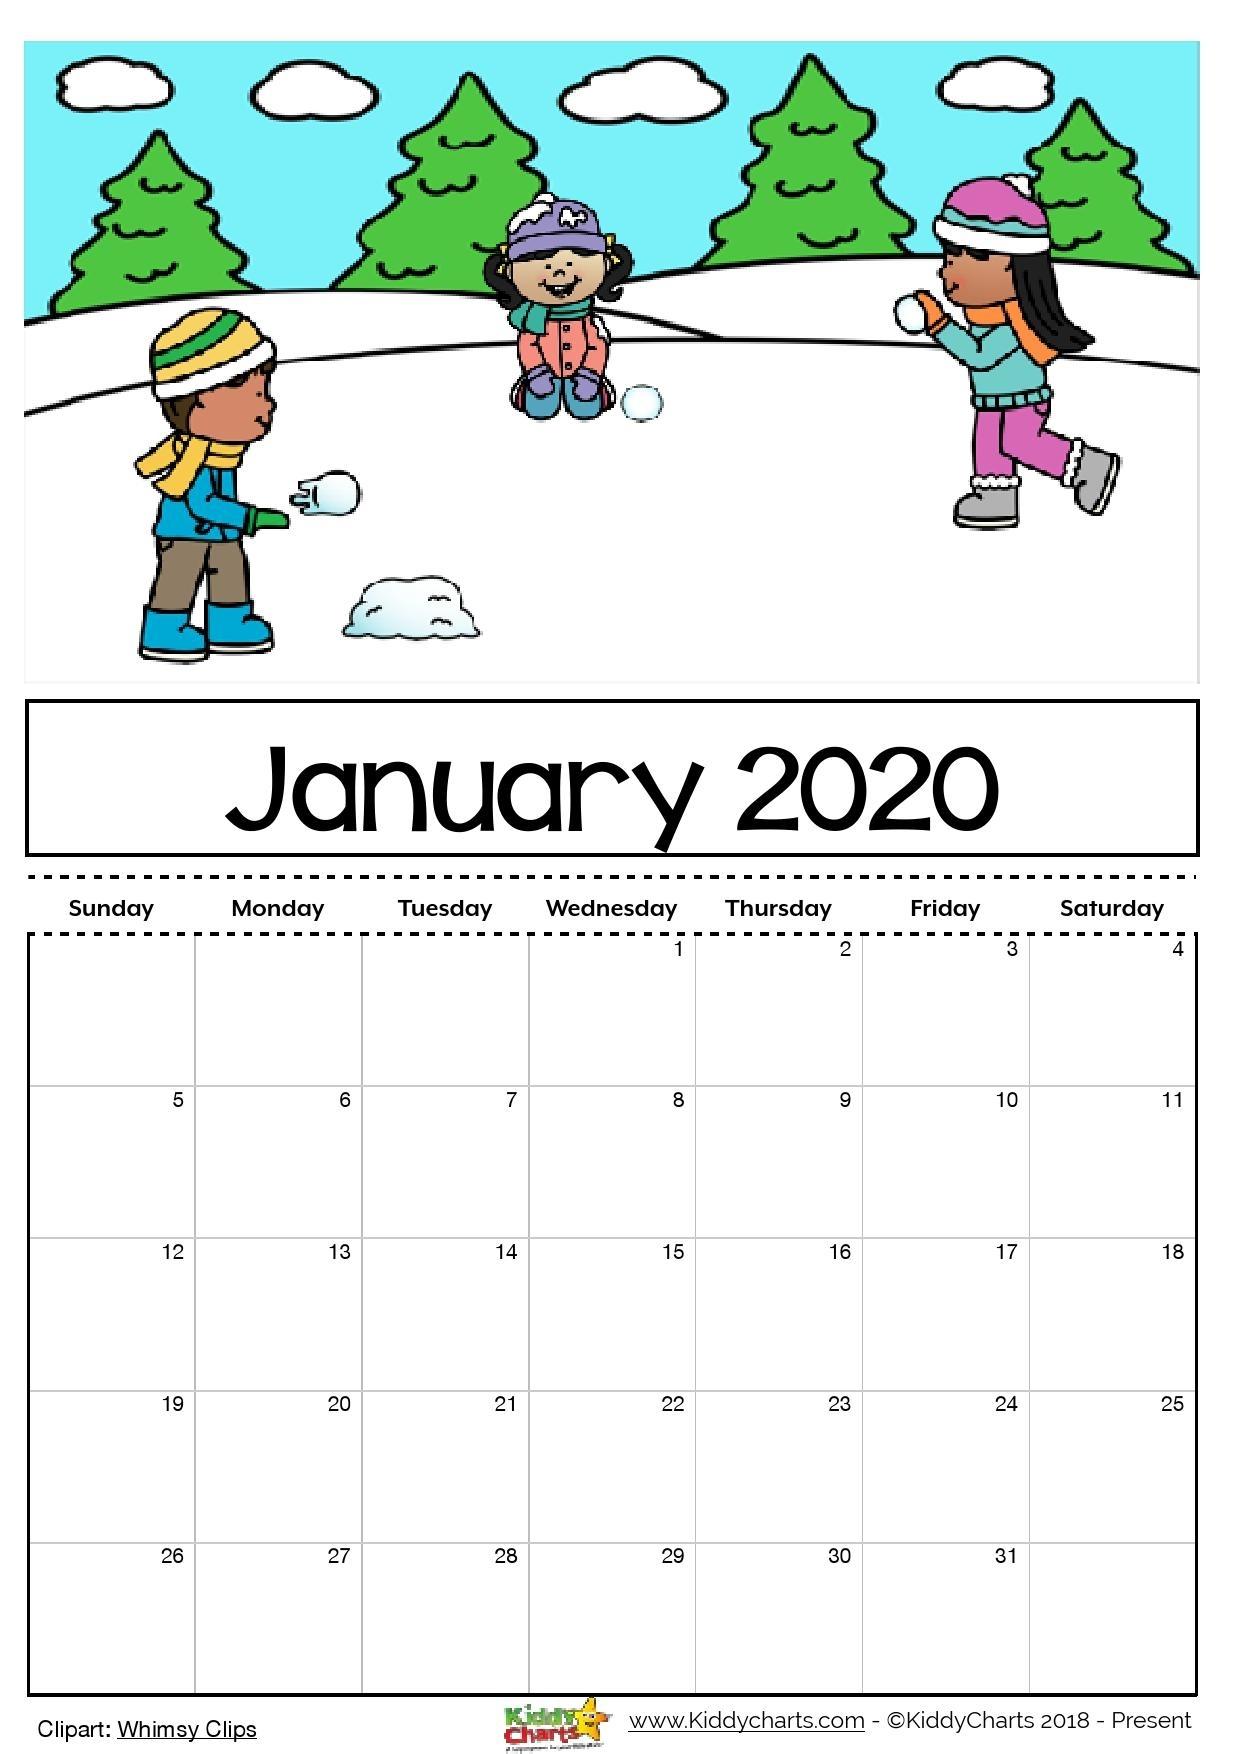 Free Printable 2020 Calendar For Kids, Including An Editable Version regarding Printable Coloring Calendar 2020